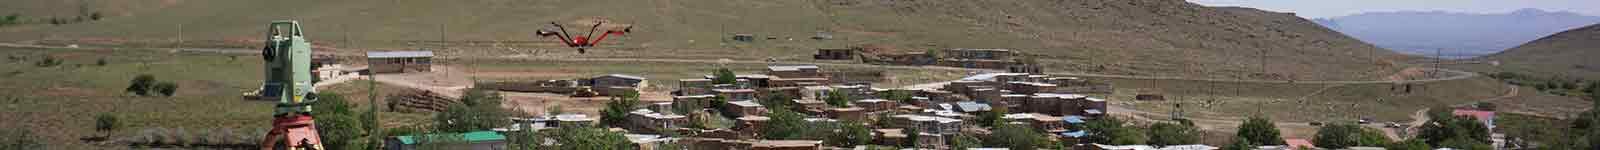 نقشه برداری هوایی از روستاهای ایران